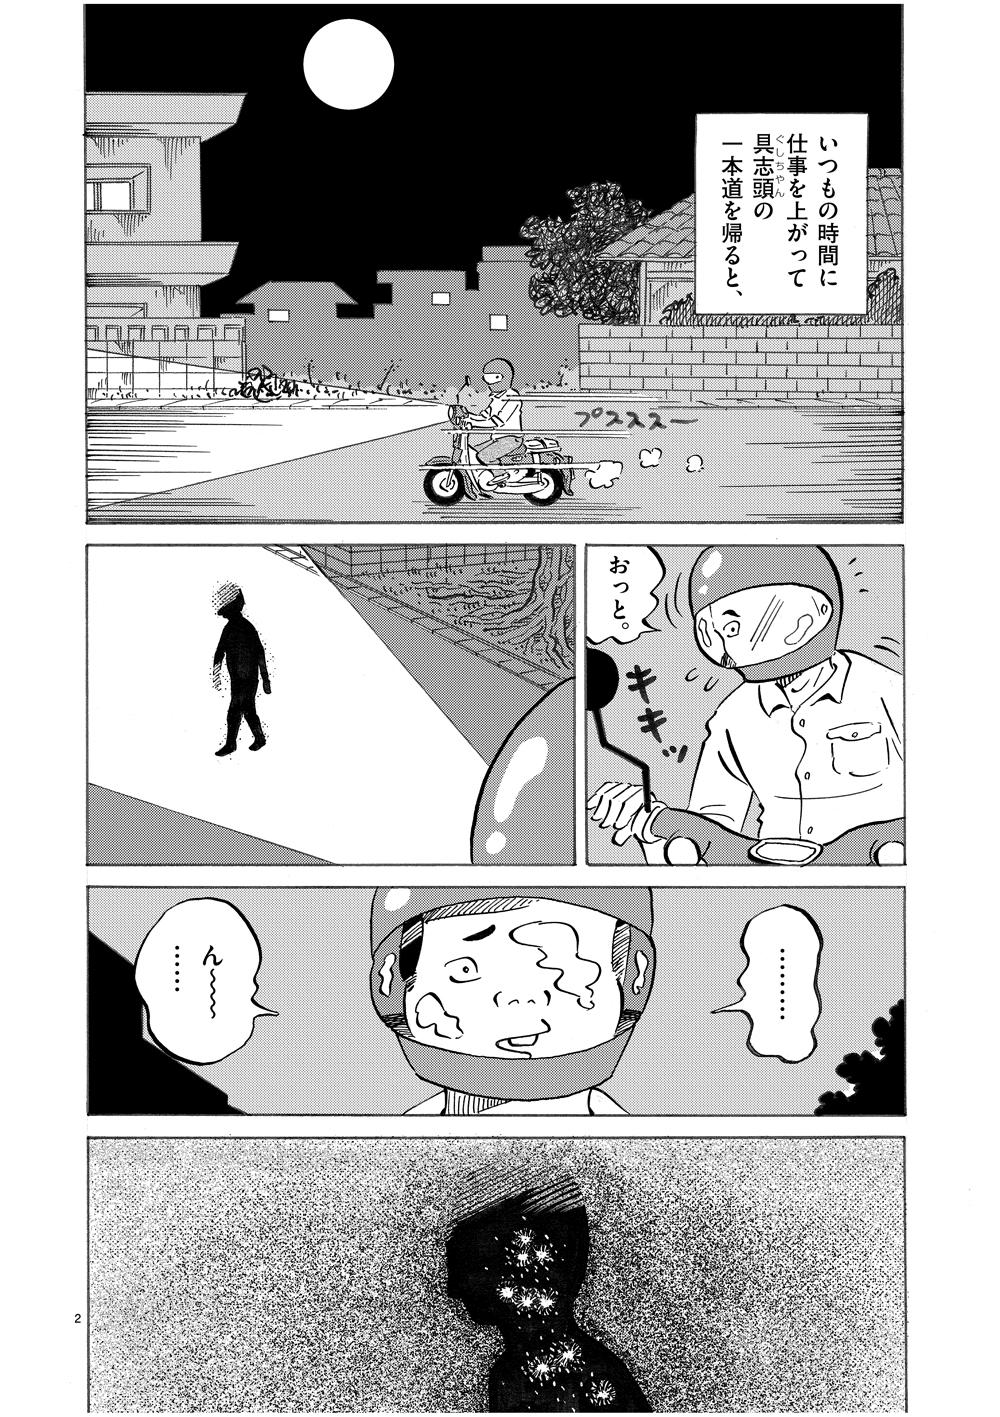 琉球怪談 【第2話】WEB掲載2ページ目画像